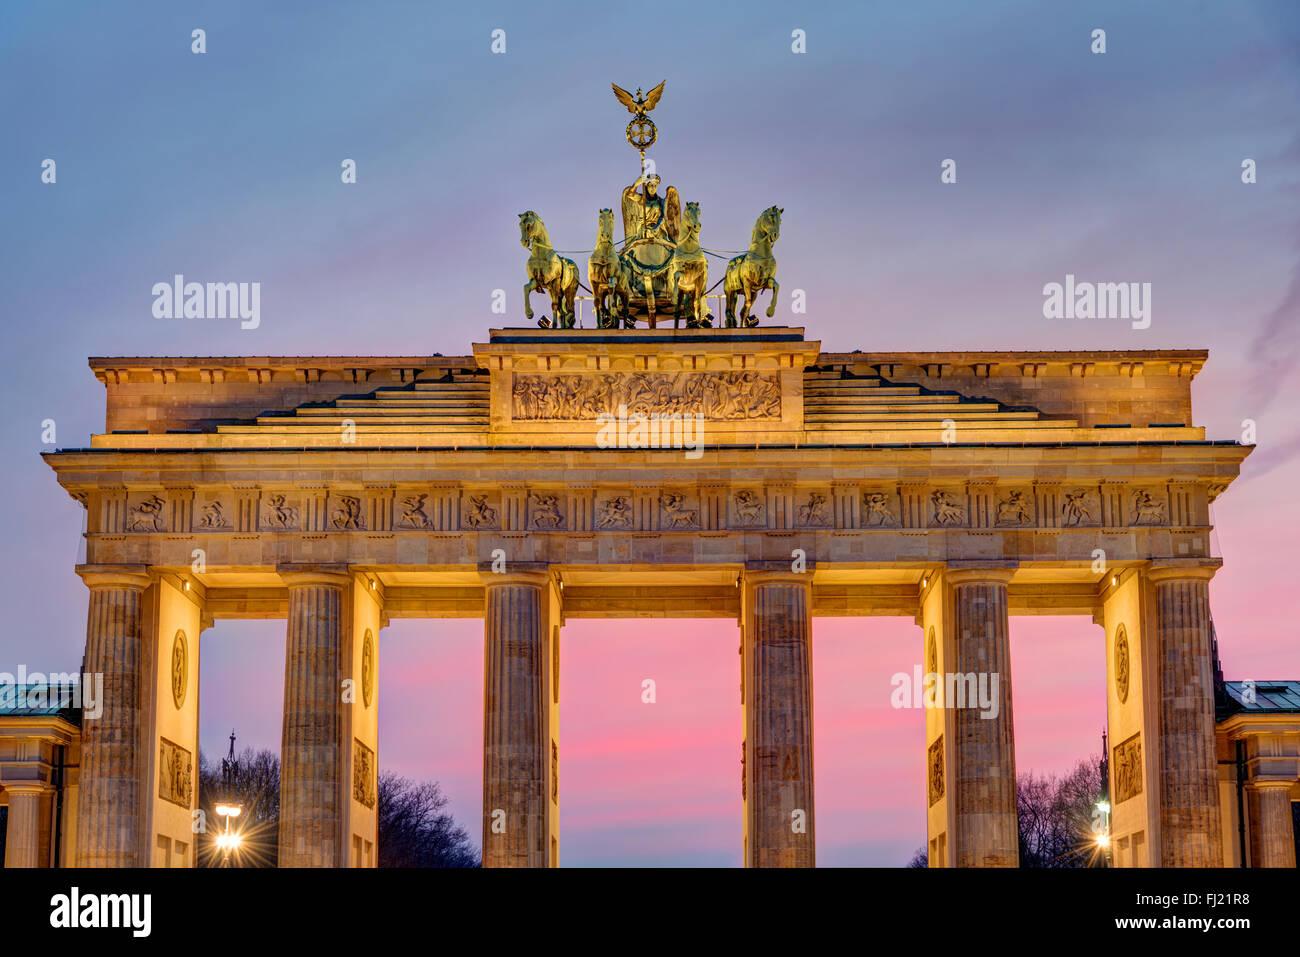 La famosa Porta di Brandeburgo a Berlino dopo il tramonto Immagini Stock